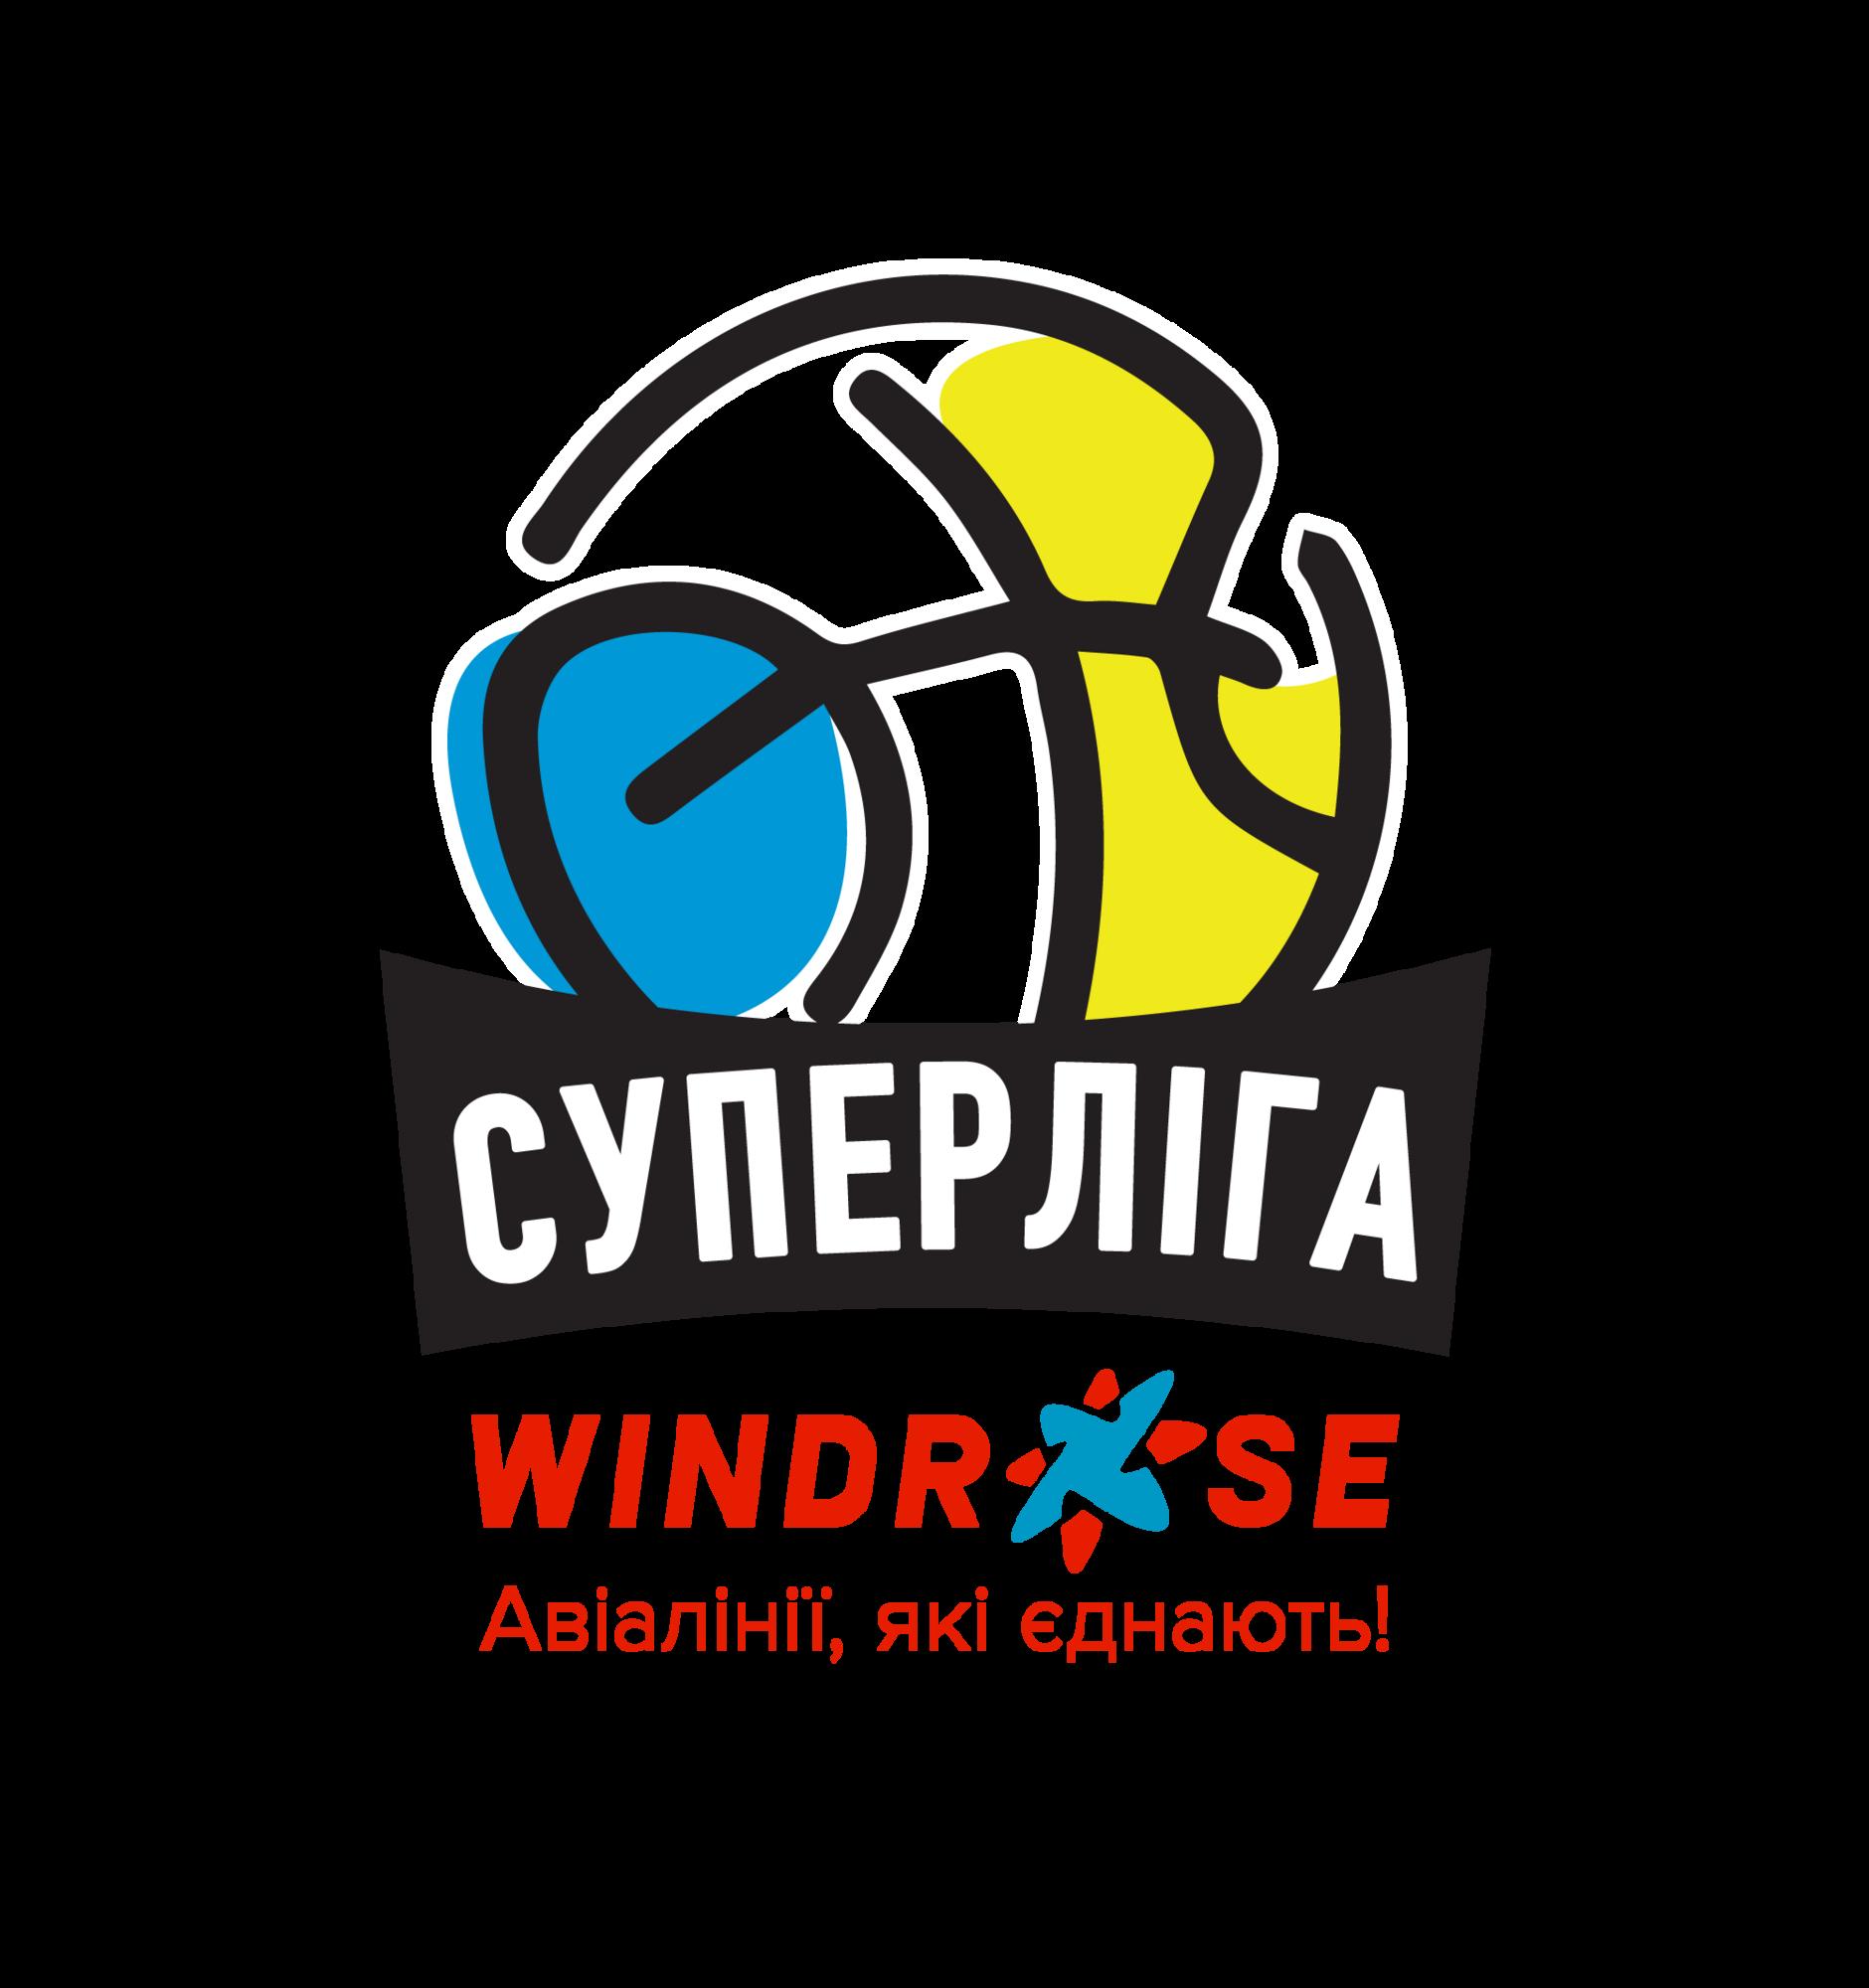 Новый логотип Суперлиги